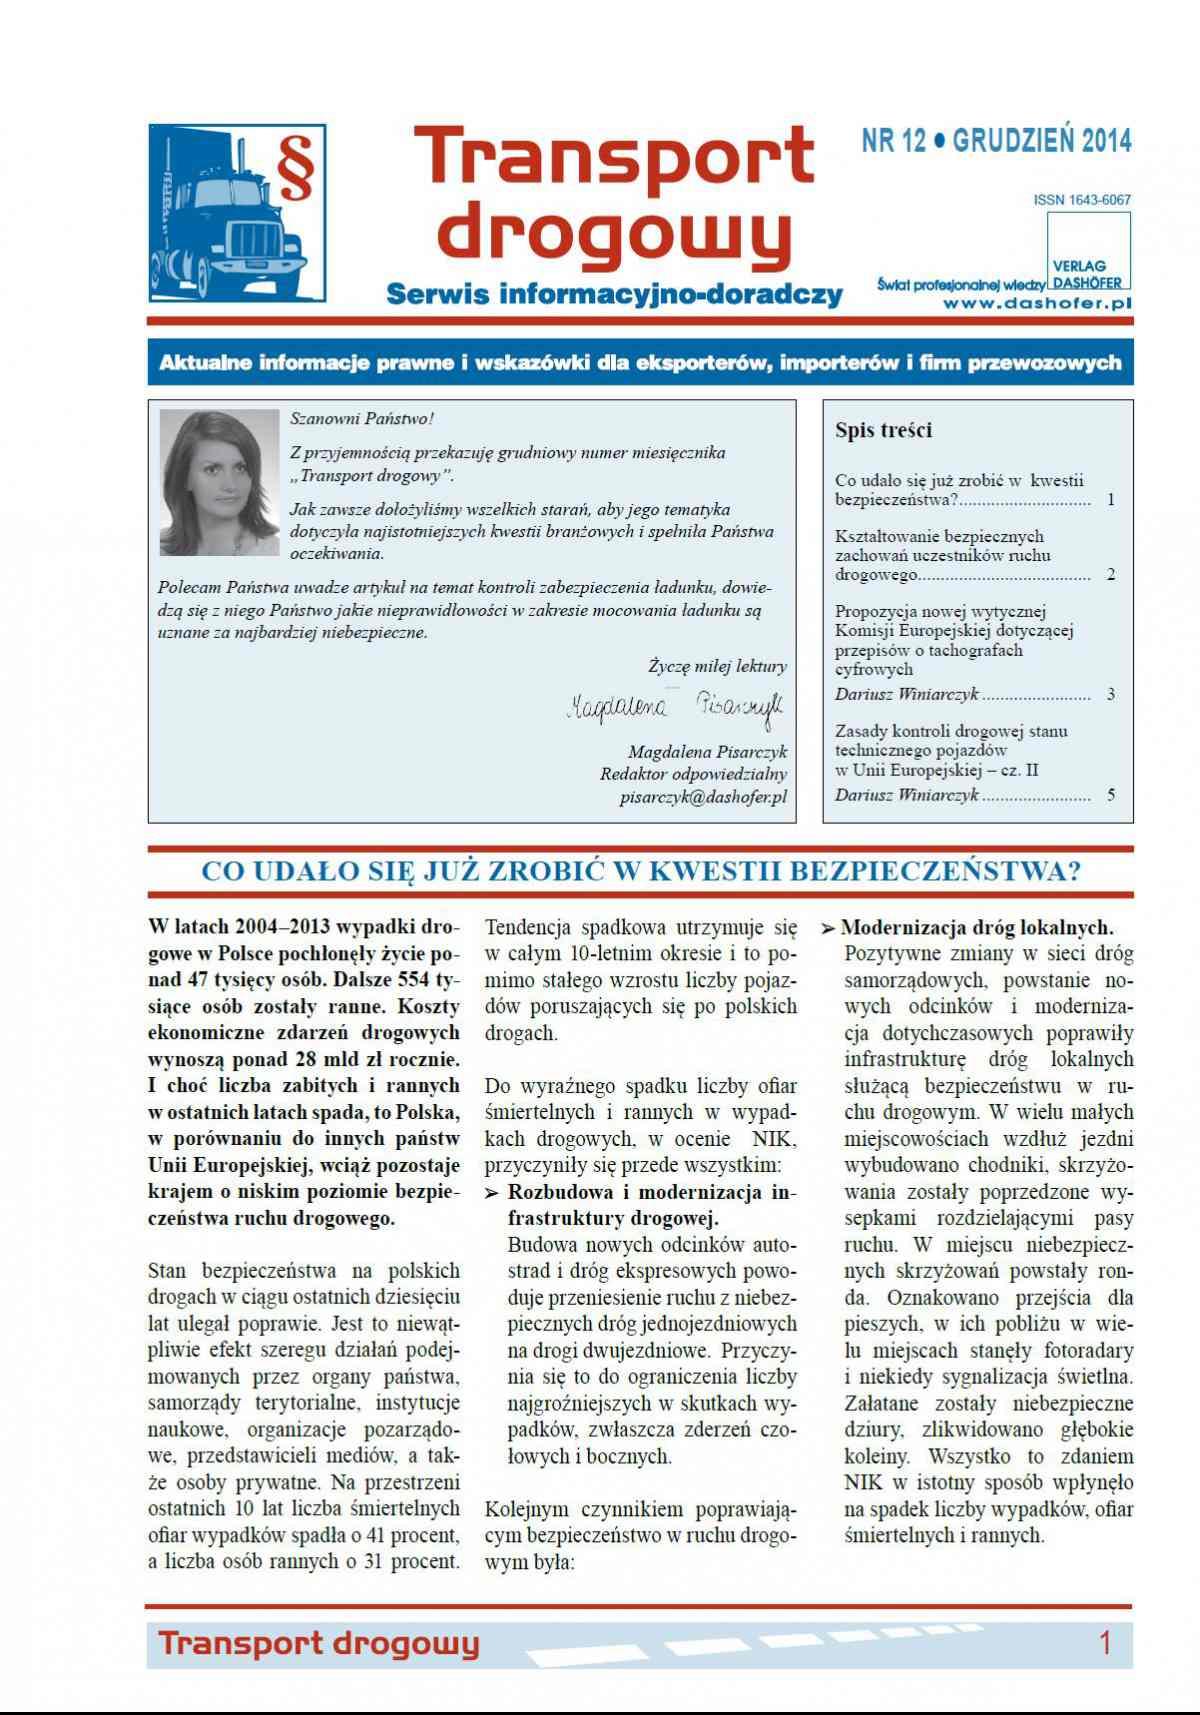 Transport drogowy. Aktualne informacje prawne i wskazówki dla eksporterów, importerów i firm przewozowych. Nr 12/2014 - Ebook (Książka PDF) do pobrania w formacie PDF